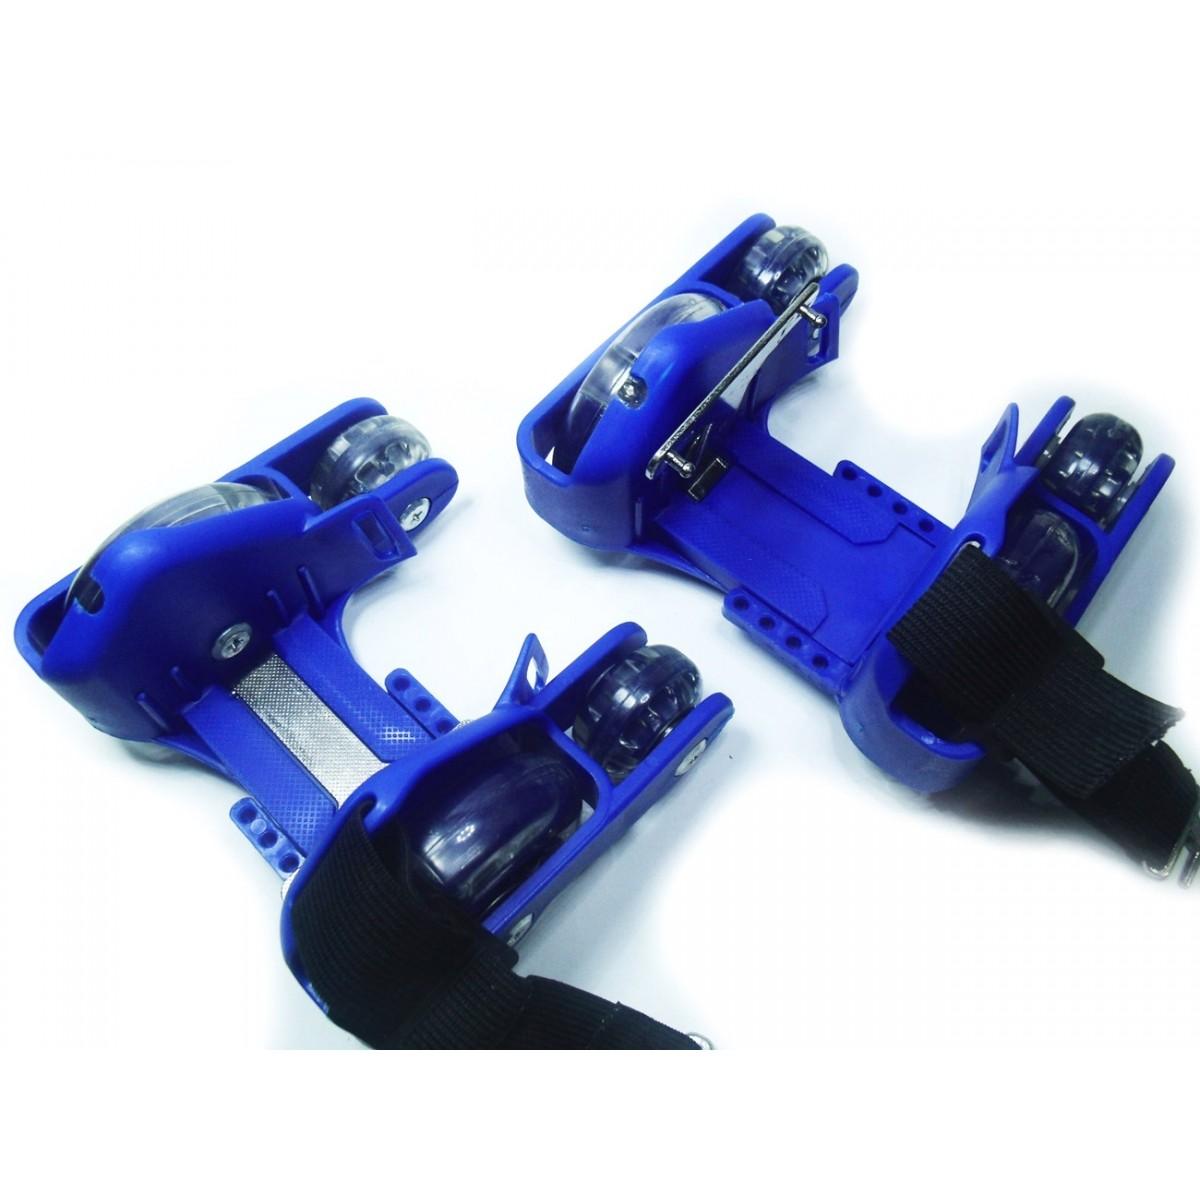 Patins Adaptado Para Tenis De Led Roller Com 4 Rodas Azul (BSL-SKY-15)